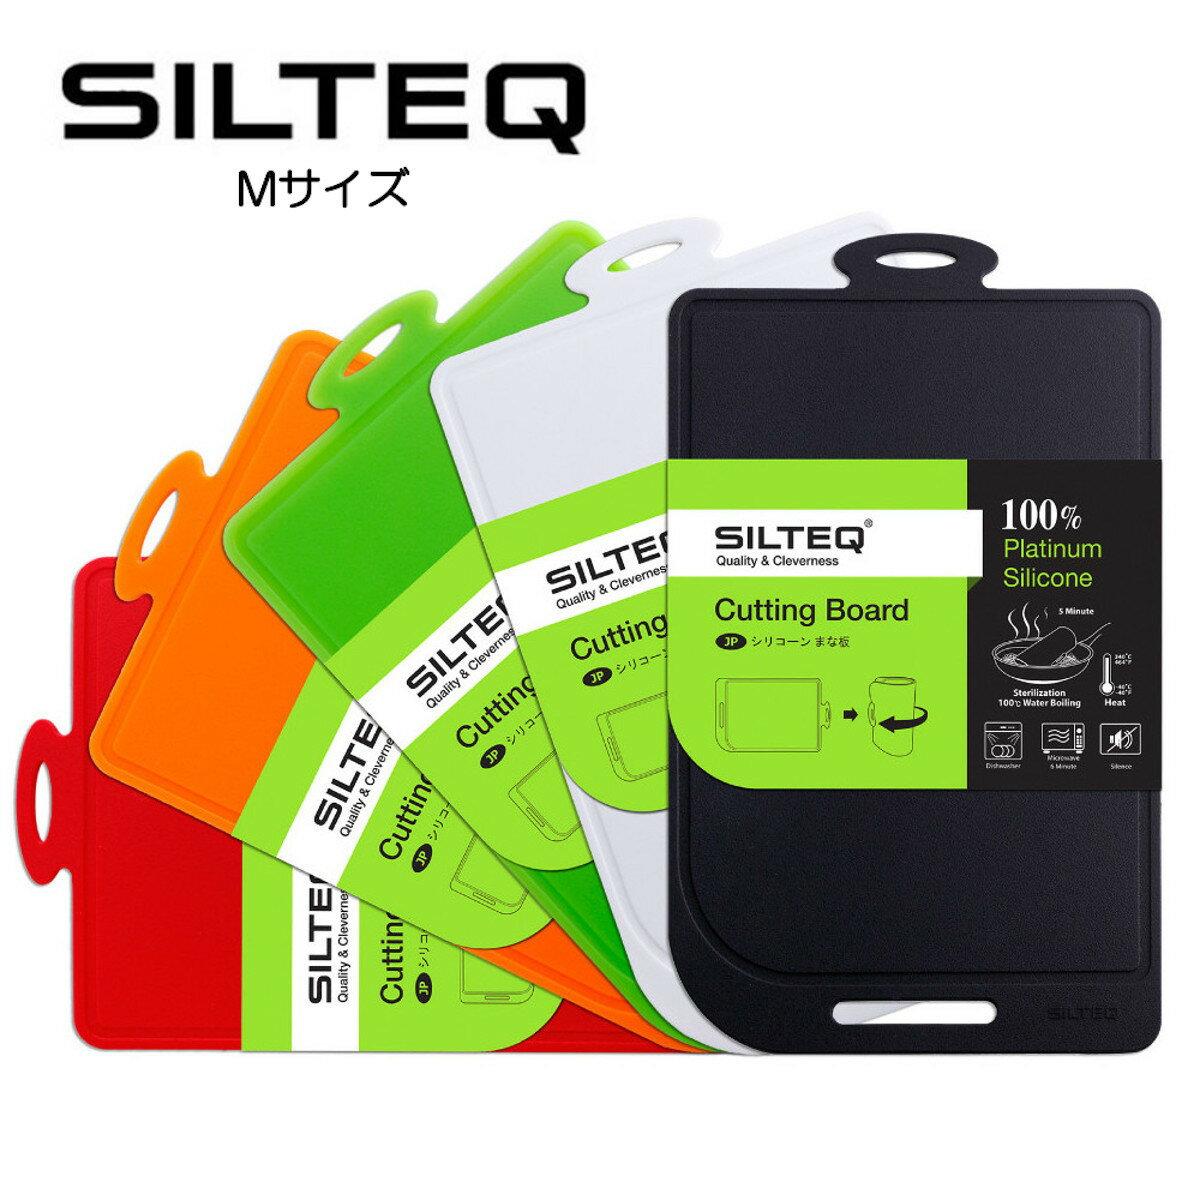 【送料無料】【SILTEQ】きれいのミカタプラチナシリコーン製丸めて煮沸除菌できるまな板Mサイズst17020